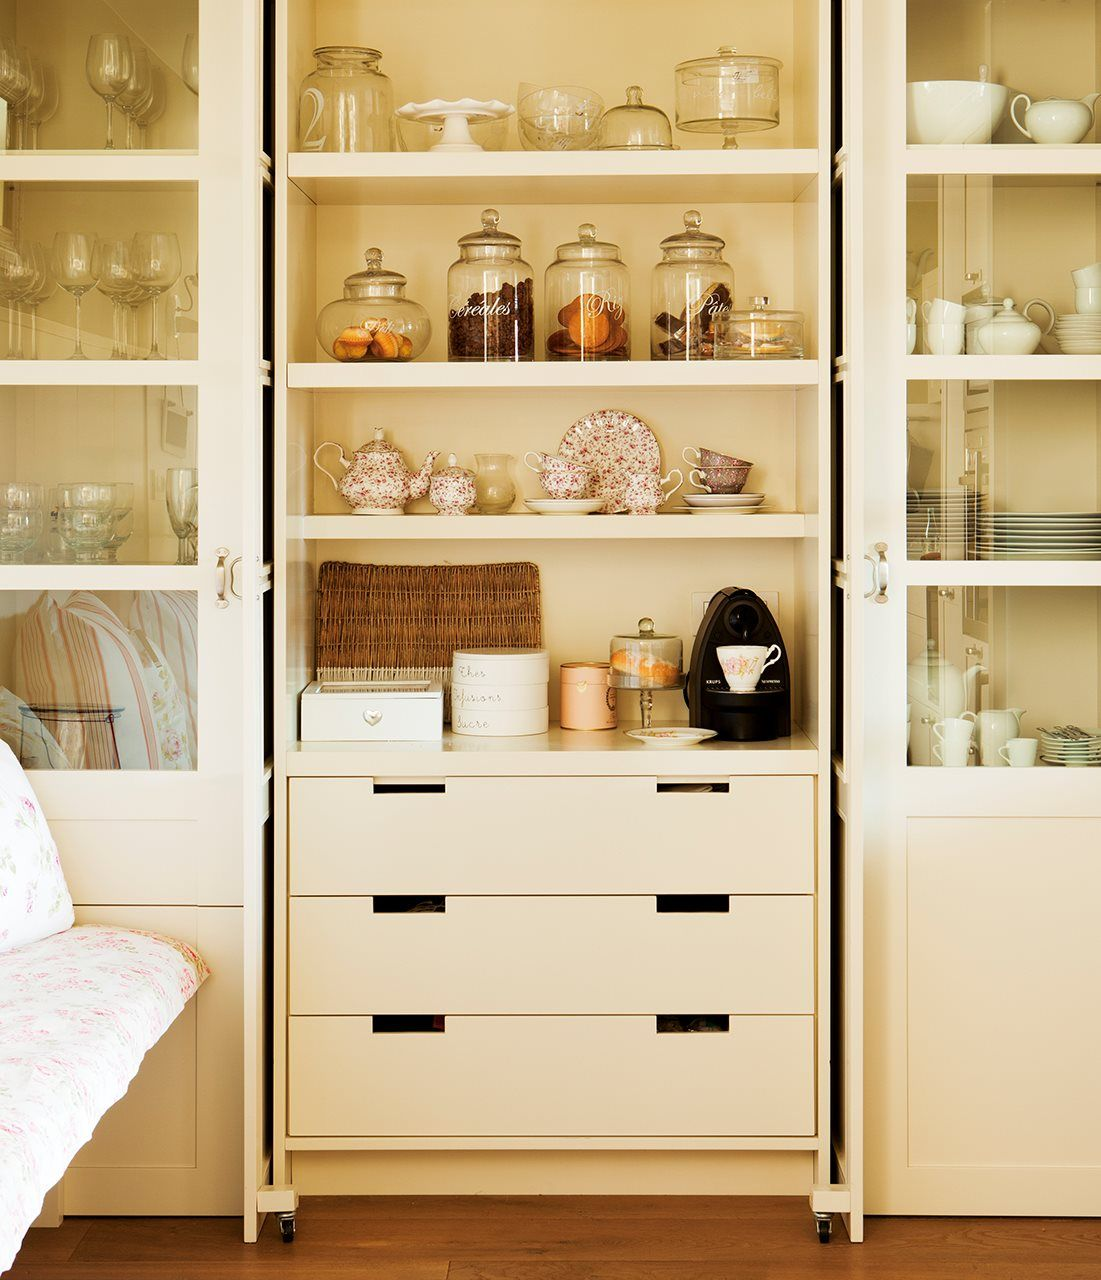 Cómo crear un office en solo 3 m2 · ElMueble.com · Cocinas y baños ...